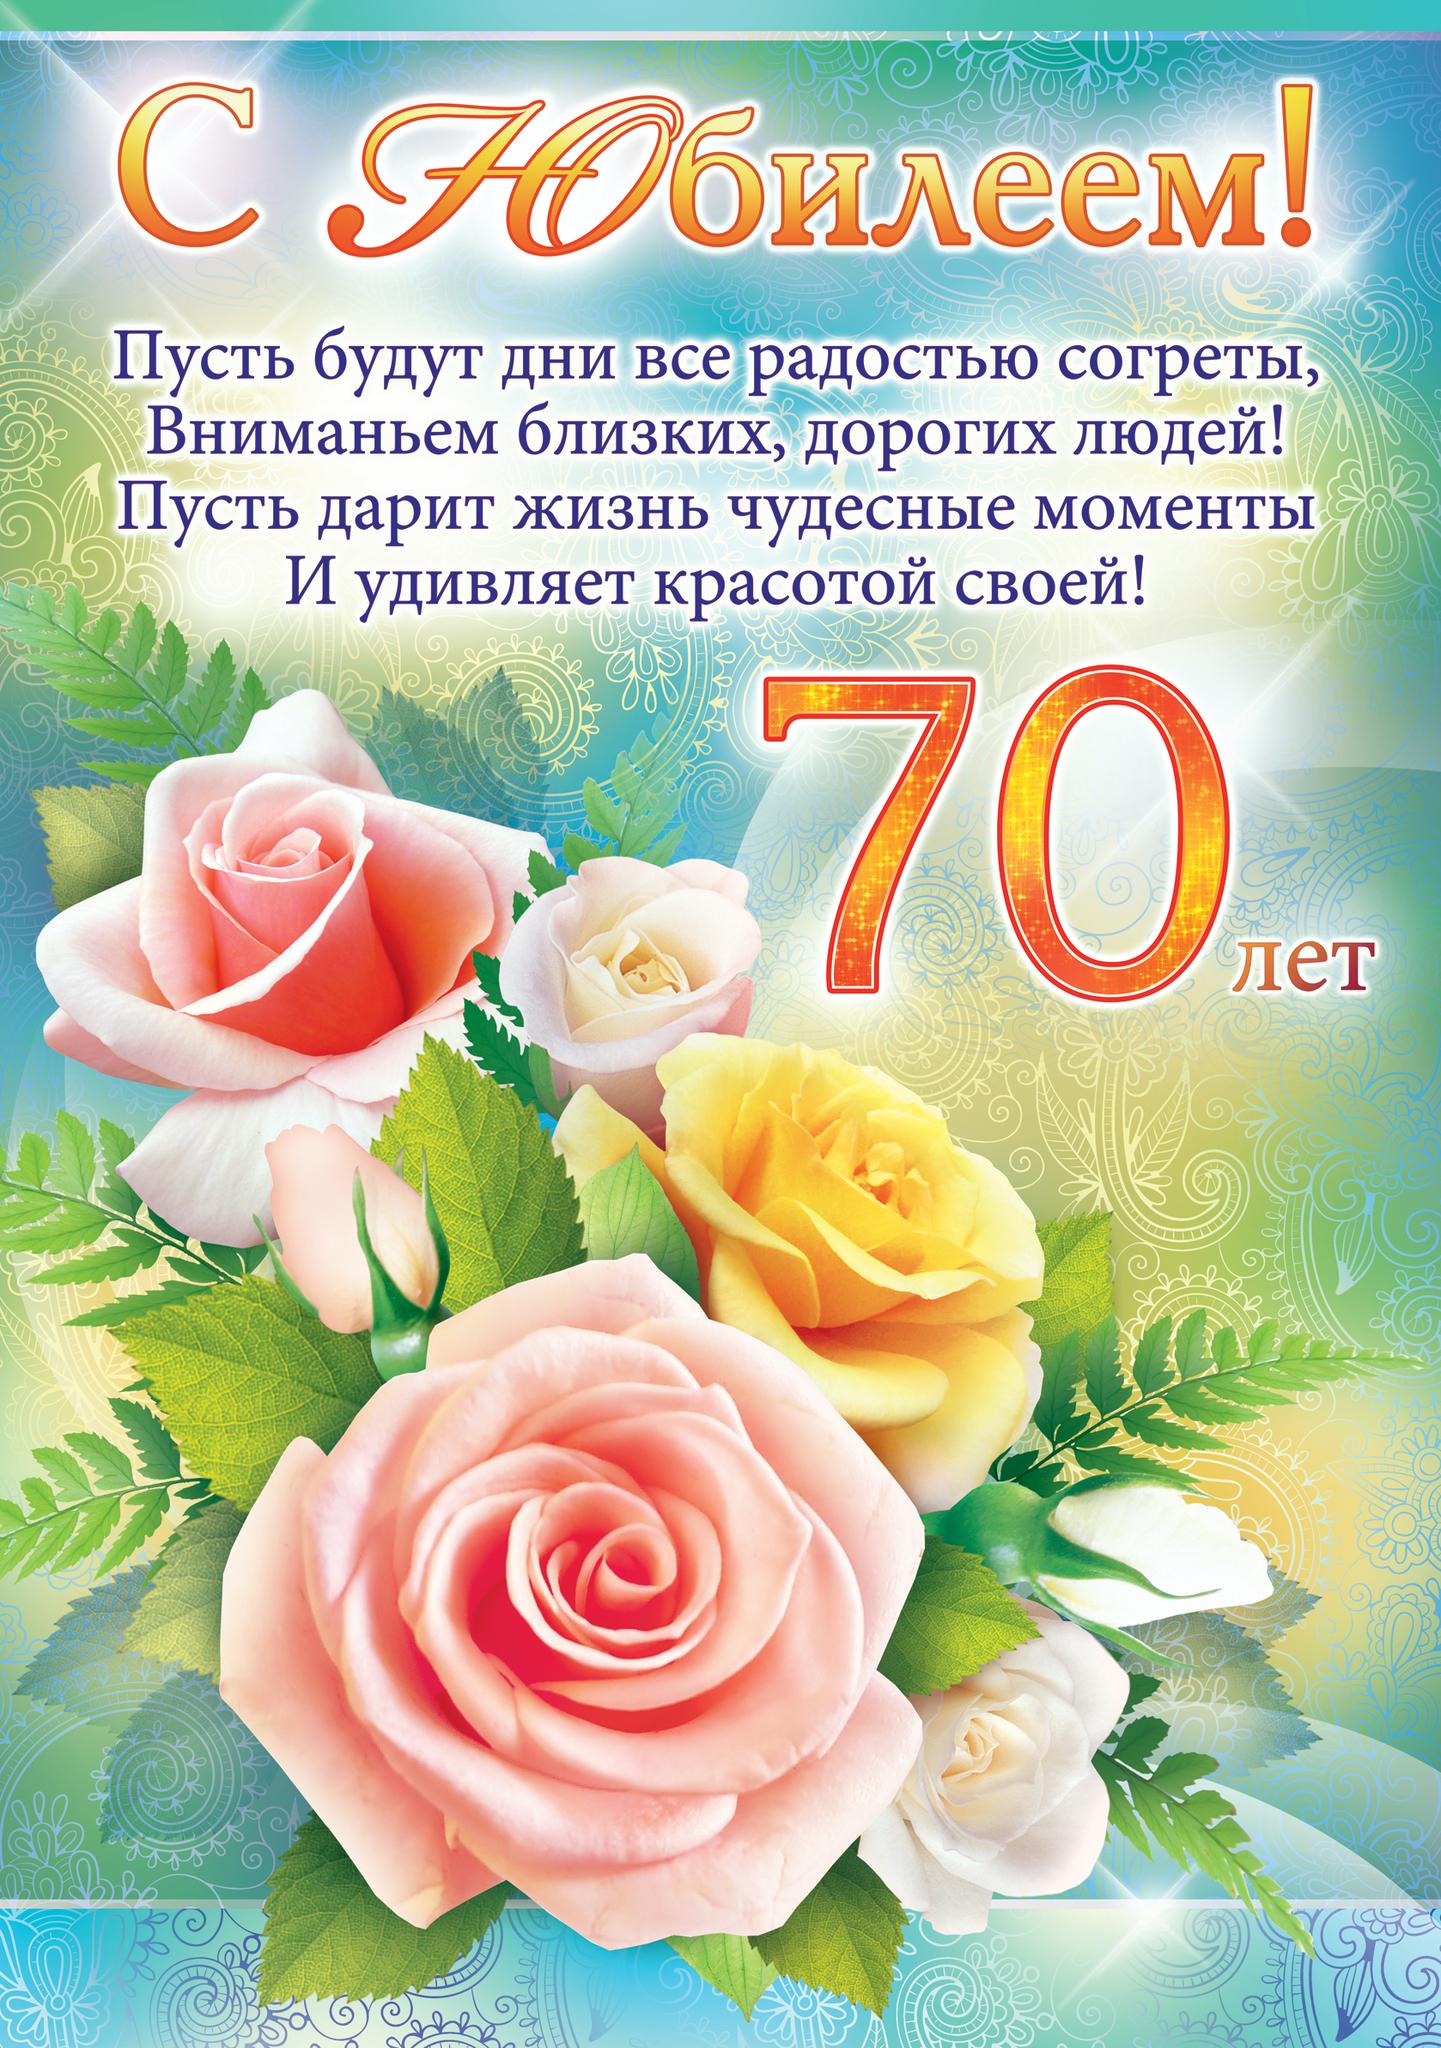 Поздравление с юбилеем 70 лет женщине картинки